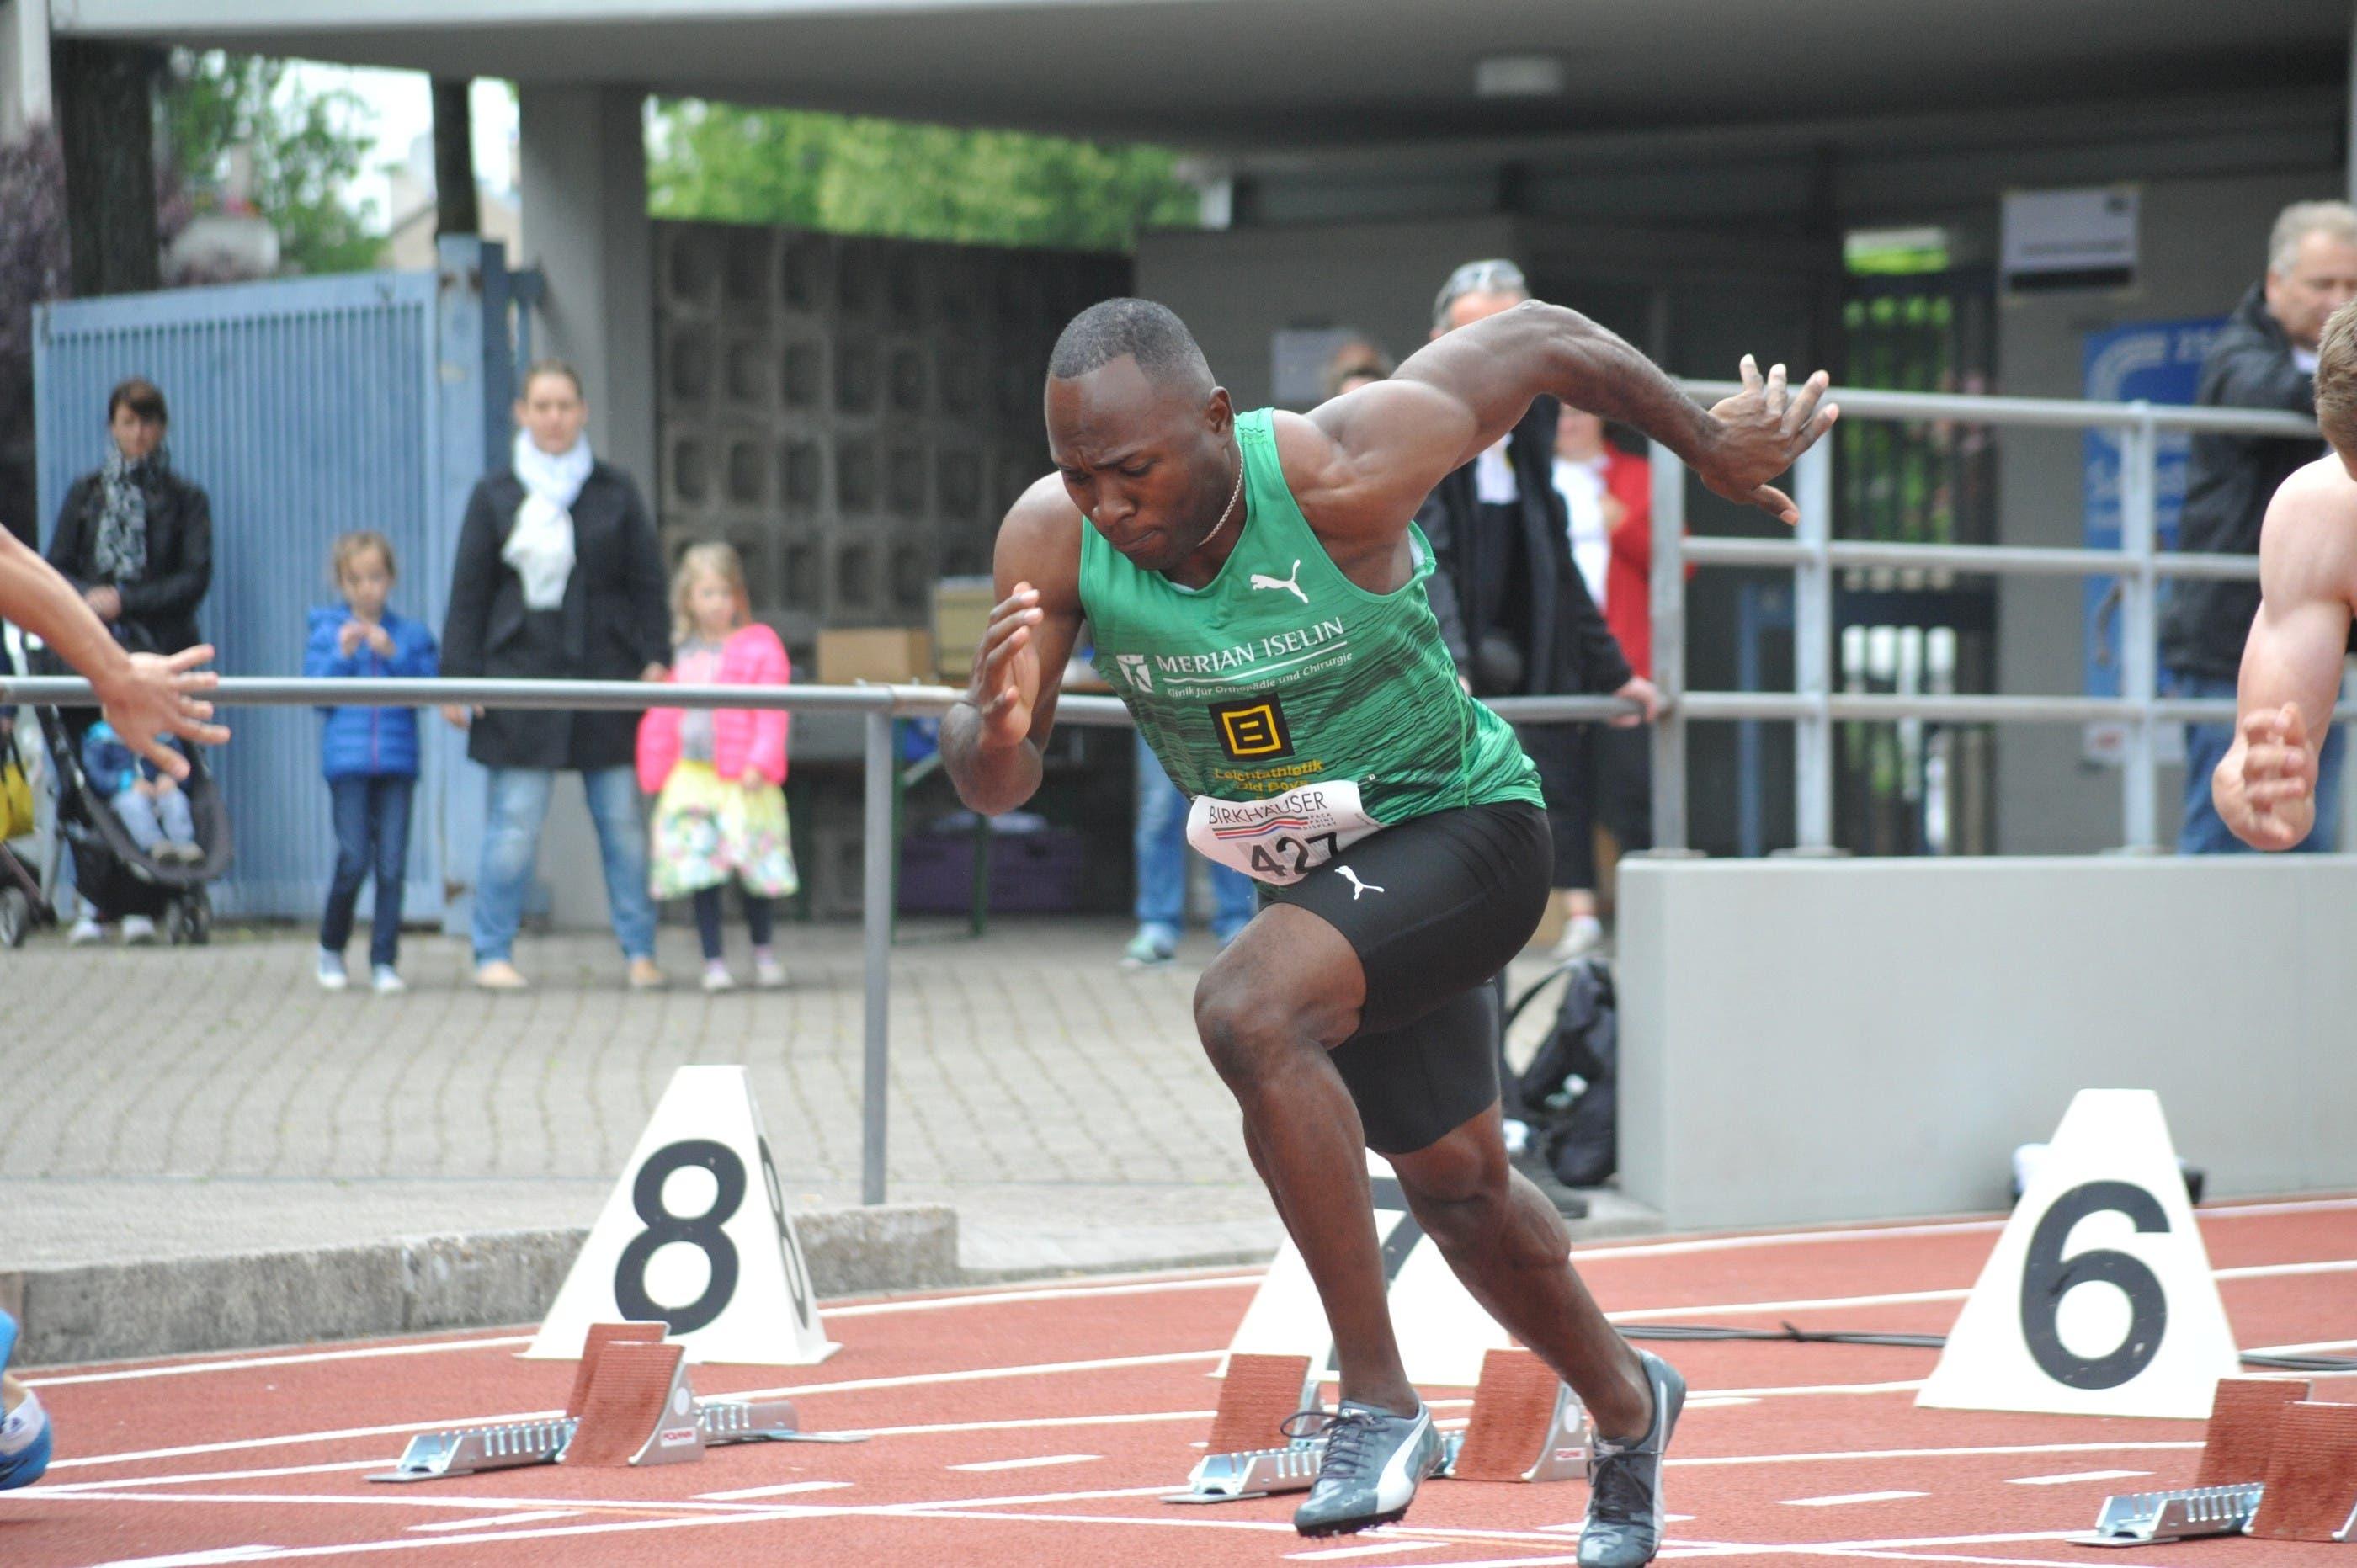 Der Sprinter Alex Wilson gewinnt in Basel.